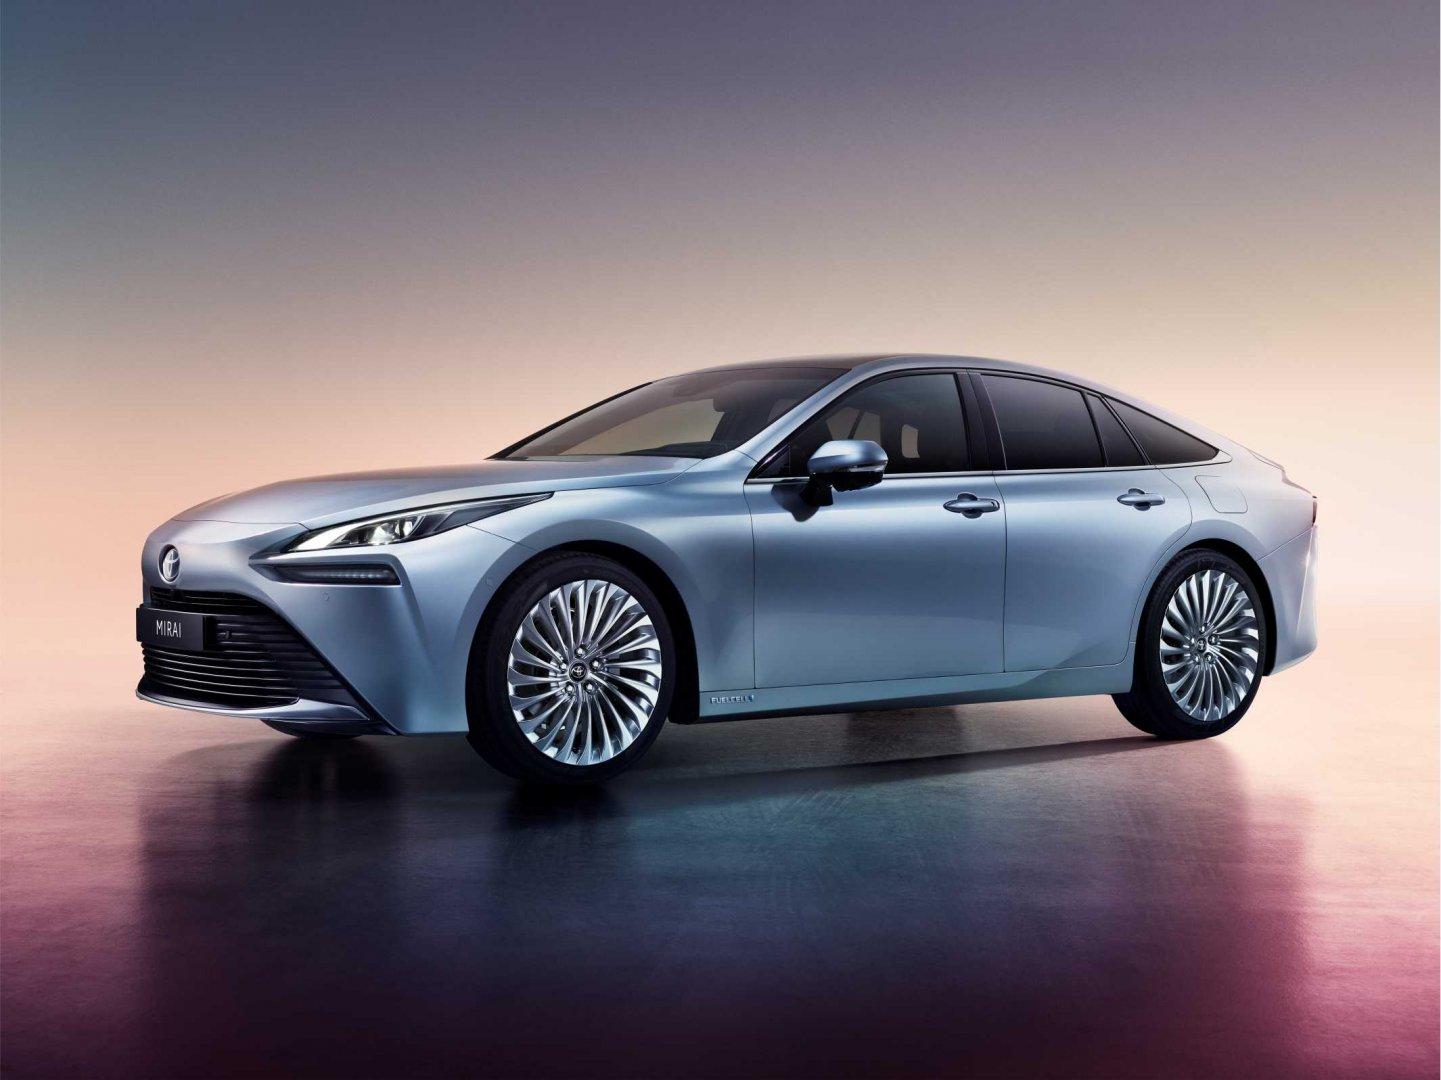 Toyota avança para o futuro da mobilidade a hidrogénio com segunda geração do Mirai